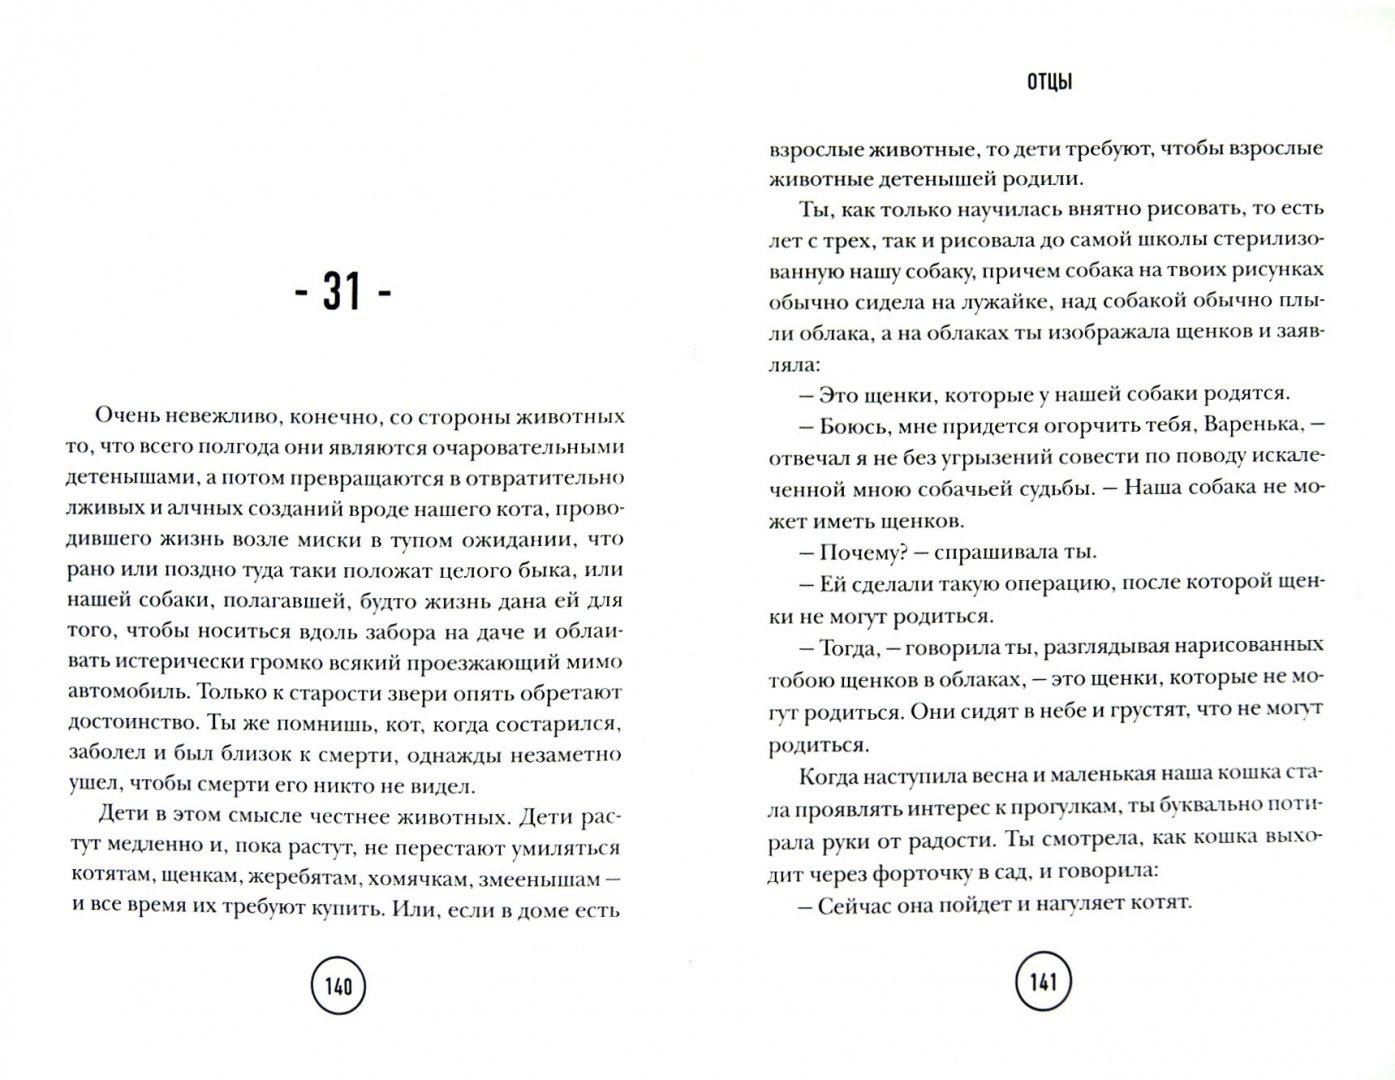 Иллюстрация 1 из 10 для Отцы - Валерий Панюшкин   Лабиринт - книги. Источник: Лабиринт